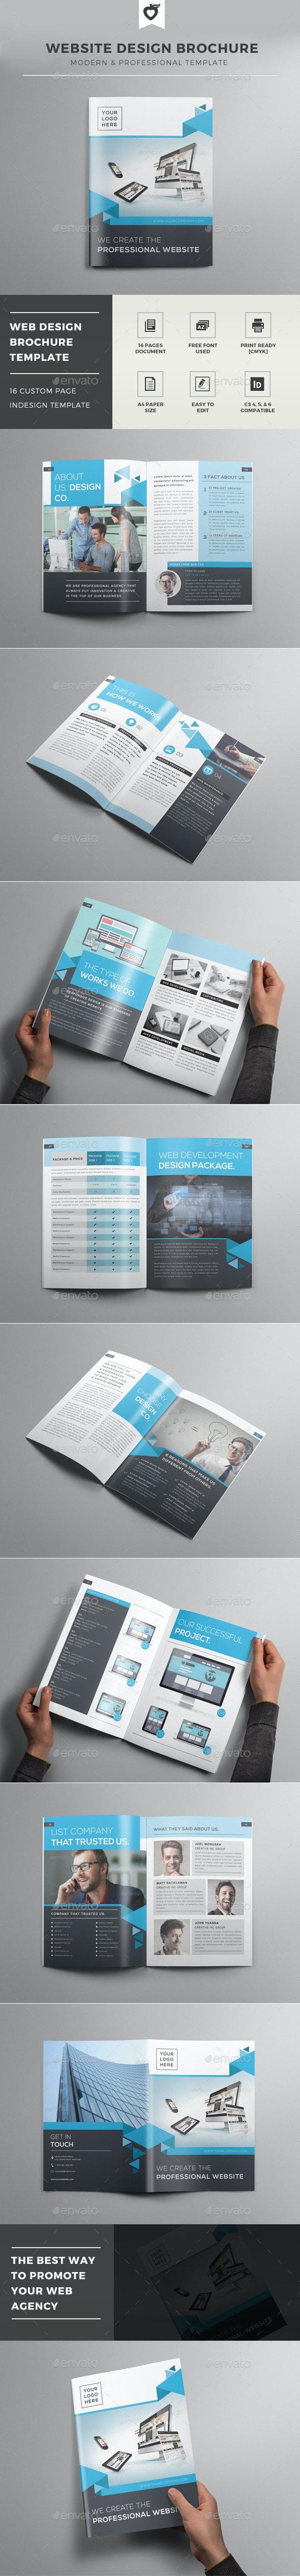 Website Design Brochure Template - Informational Brochures